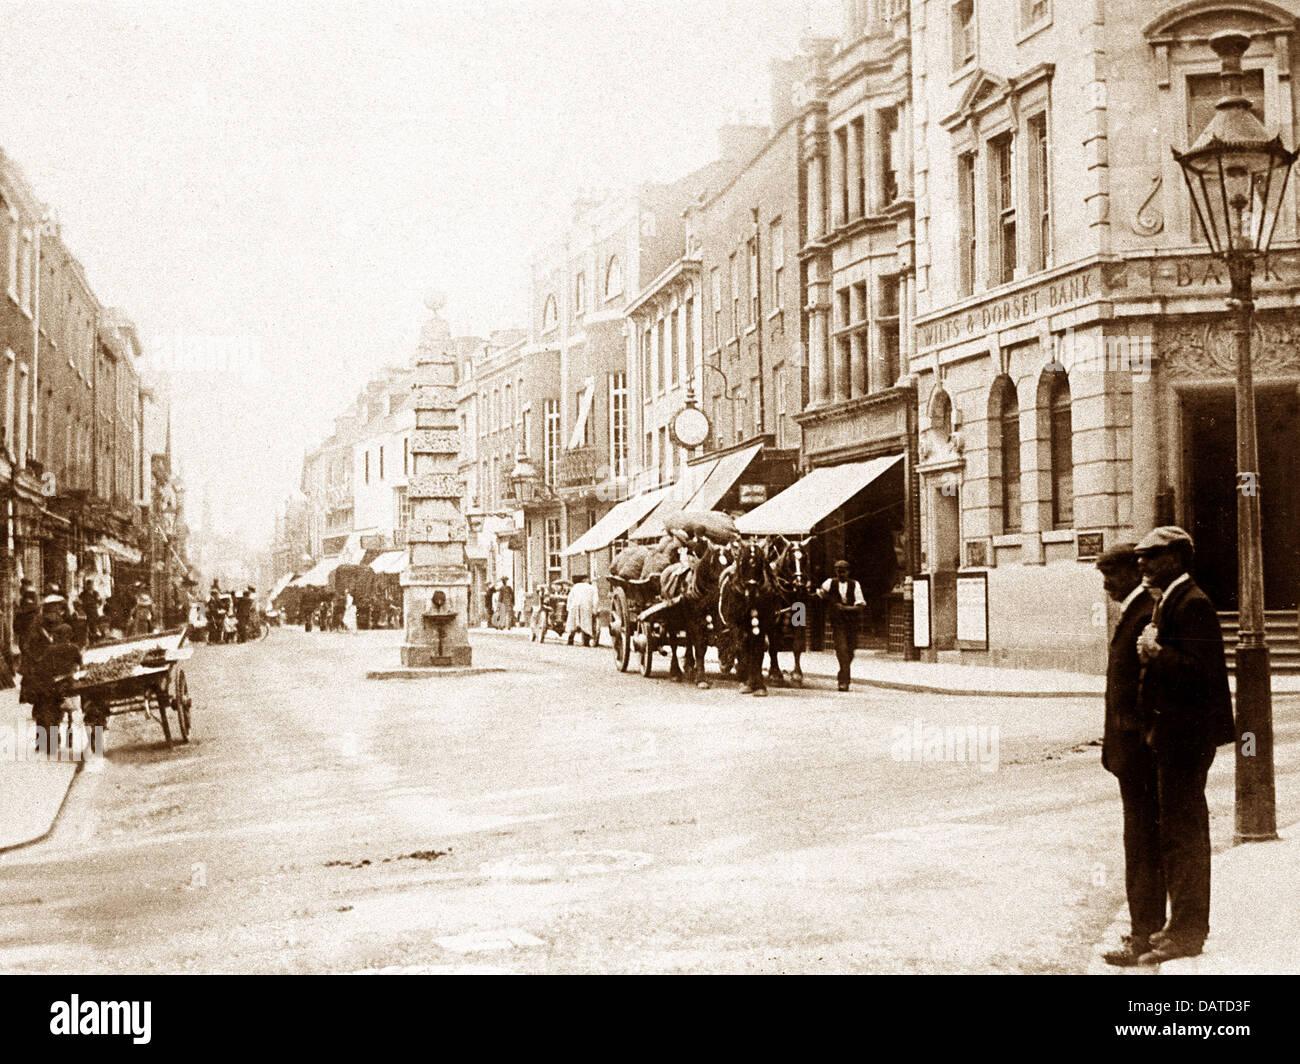 Dorchester Cornhill early 1900s - Stock Image